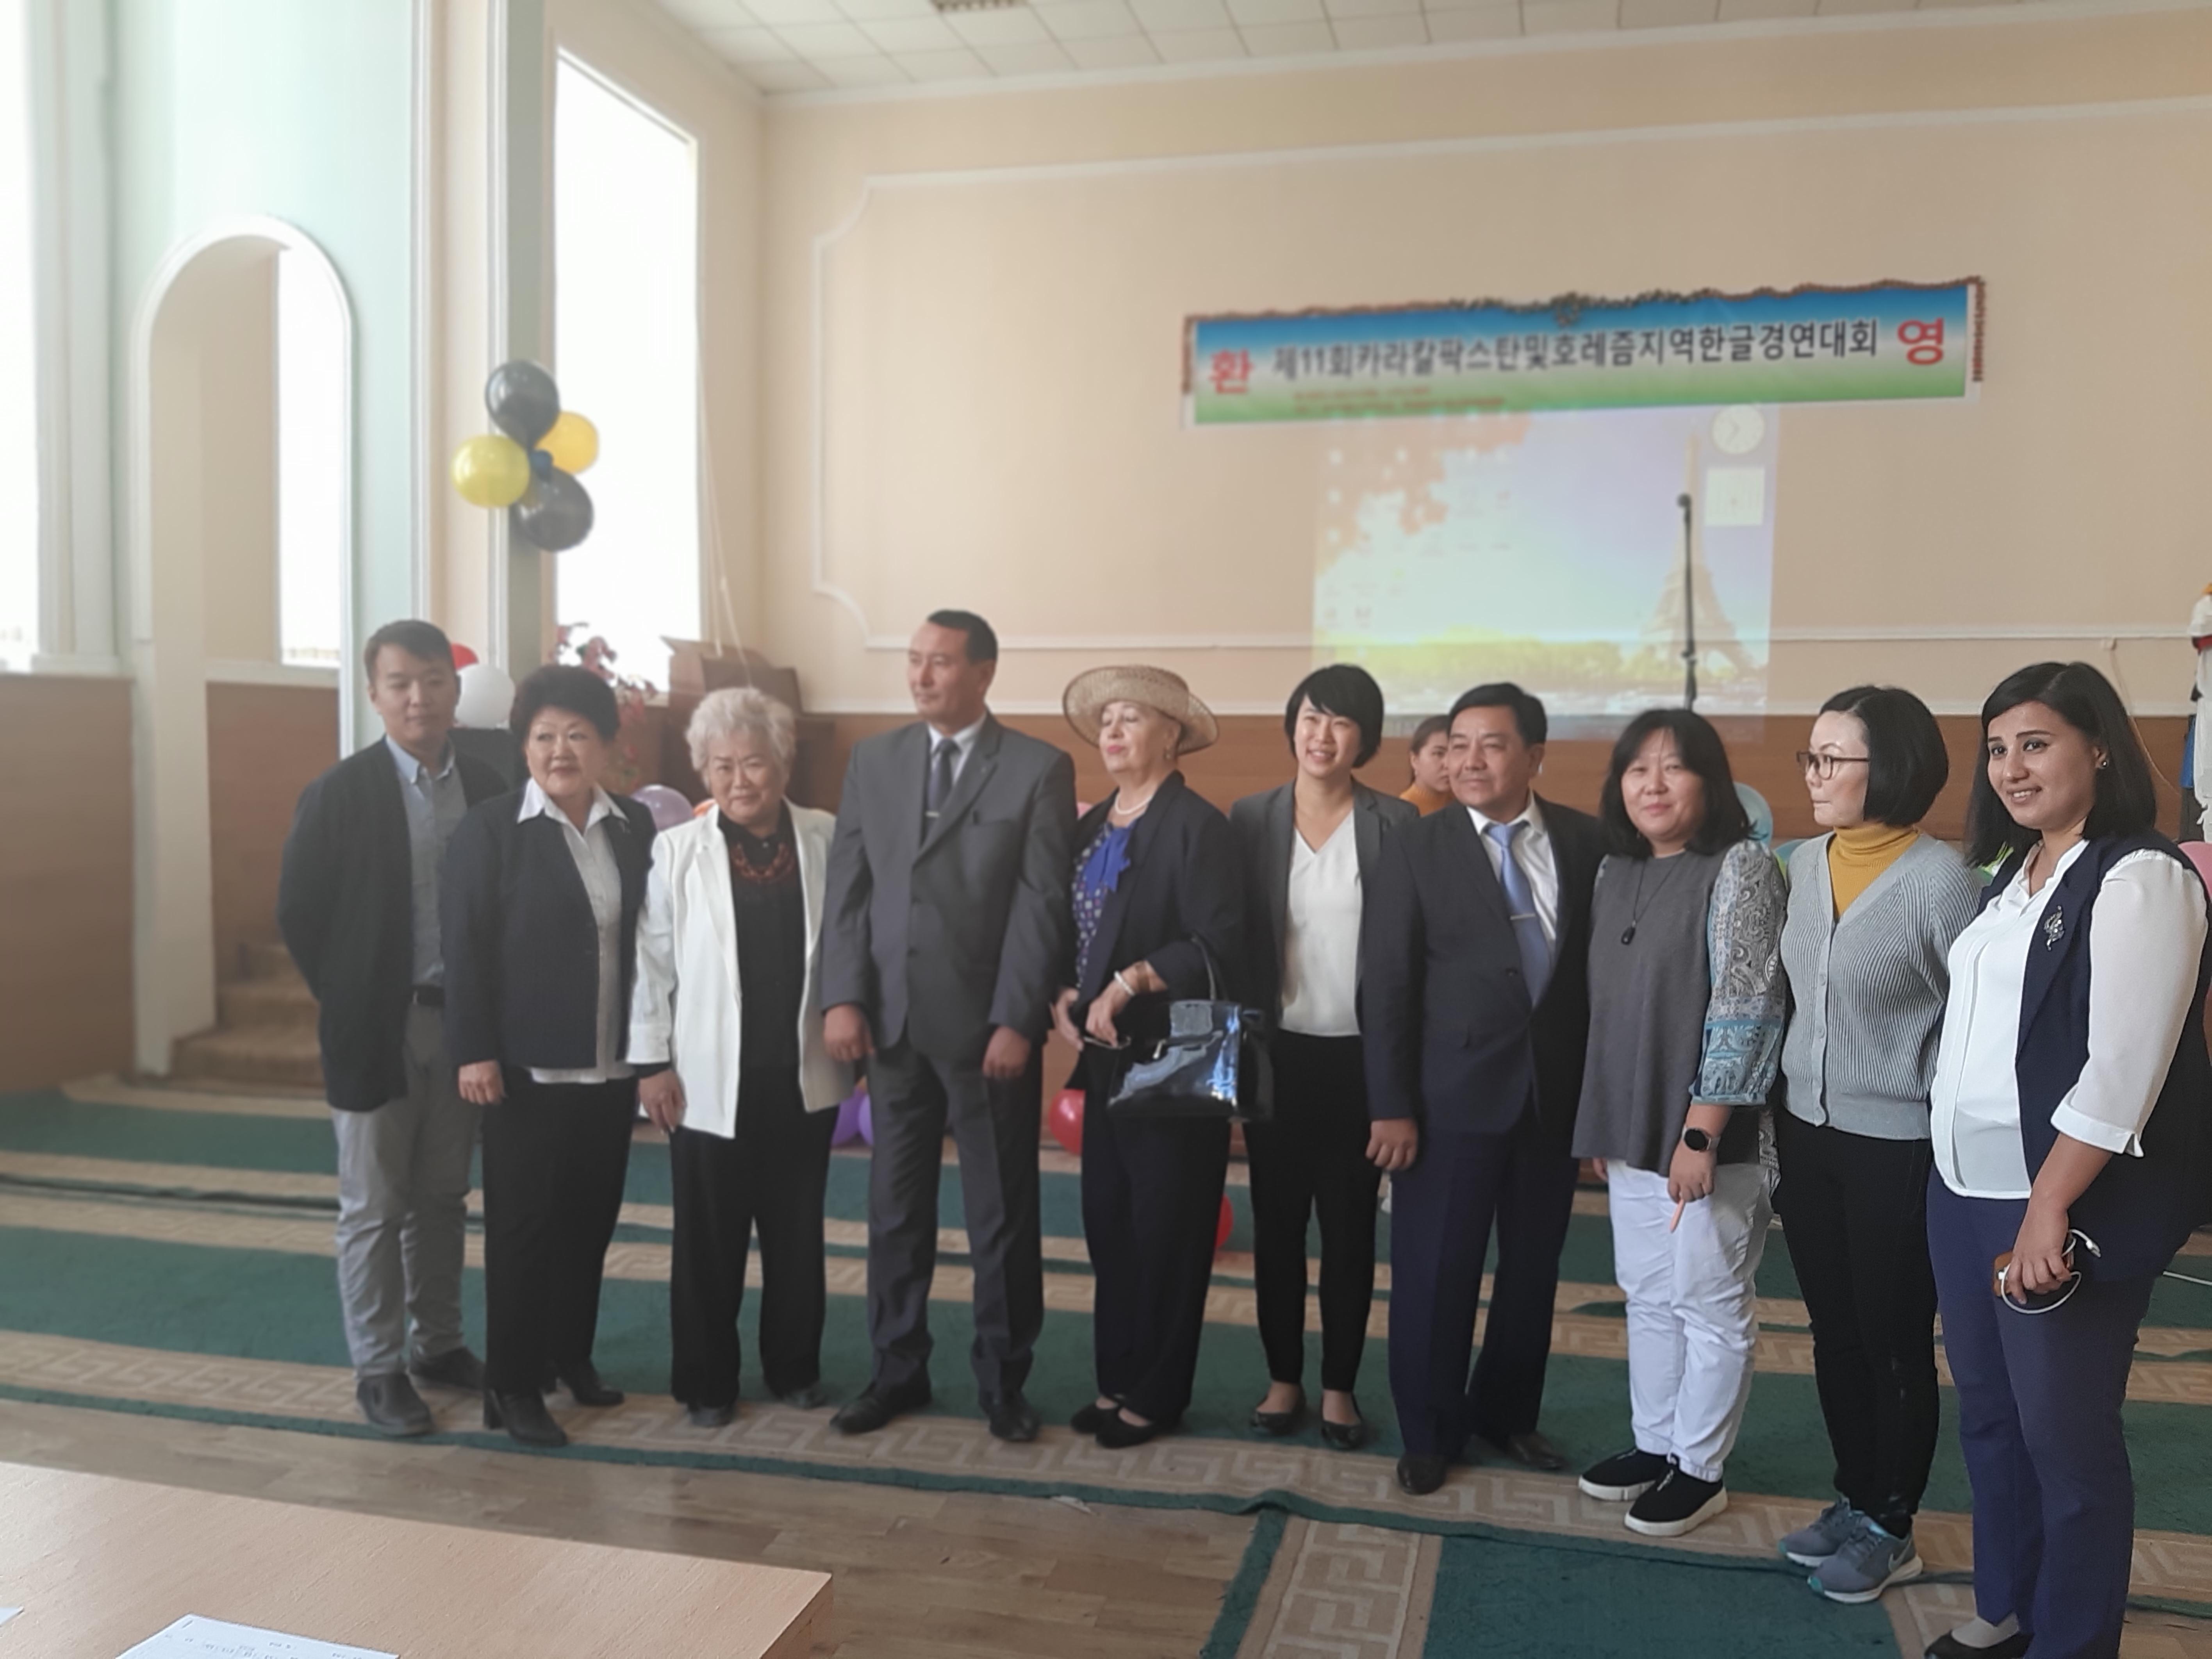 20191017 103553 - Фестиваль корейского языка и культуры